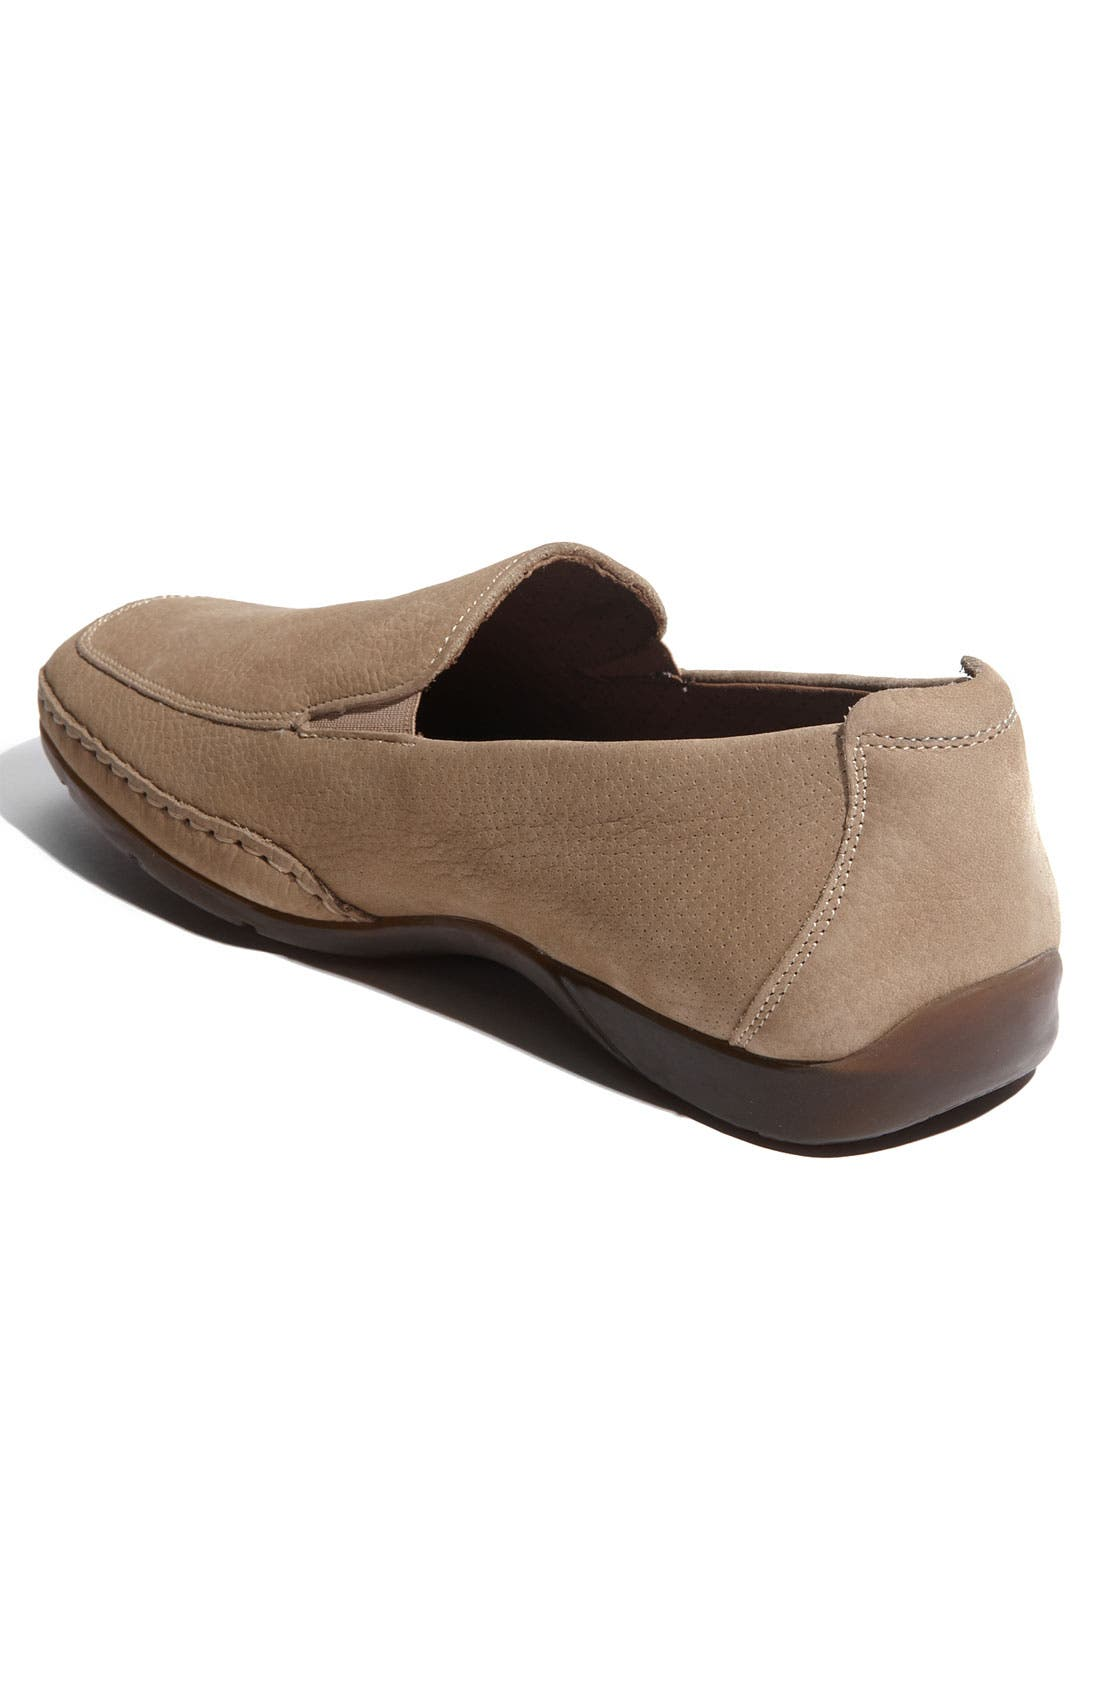 Alternate Image 3  - Mephisto 'Edlef' Perforated Shoe